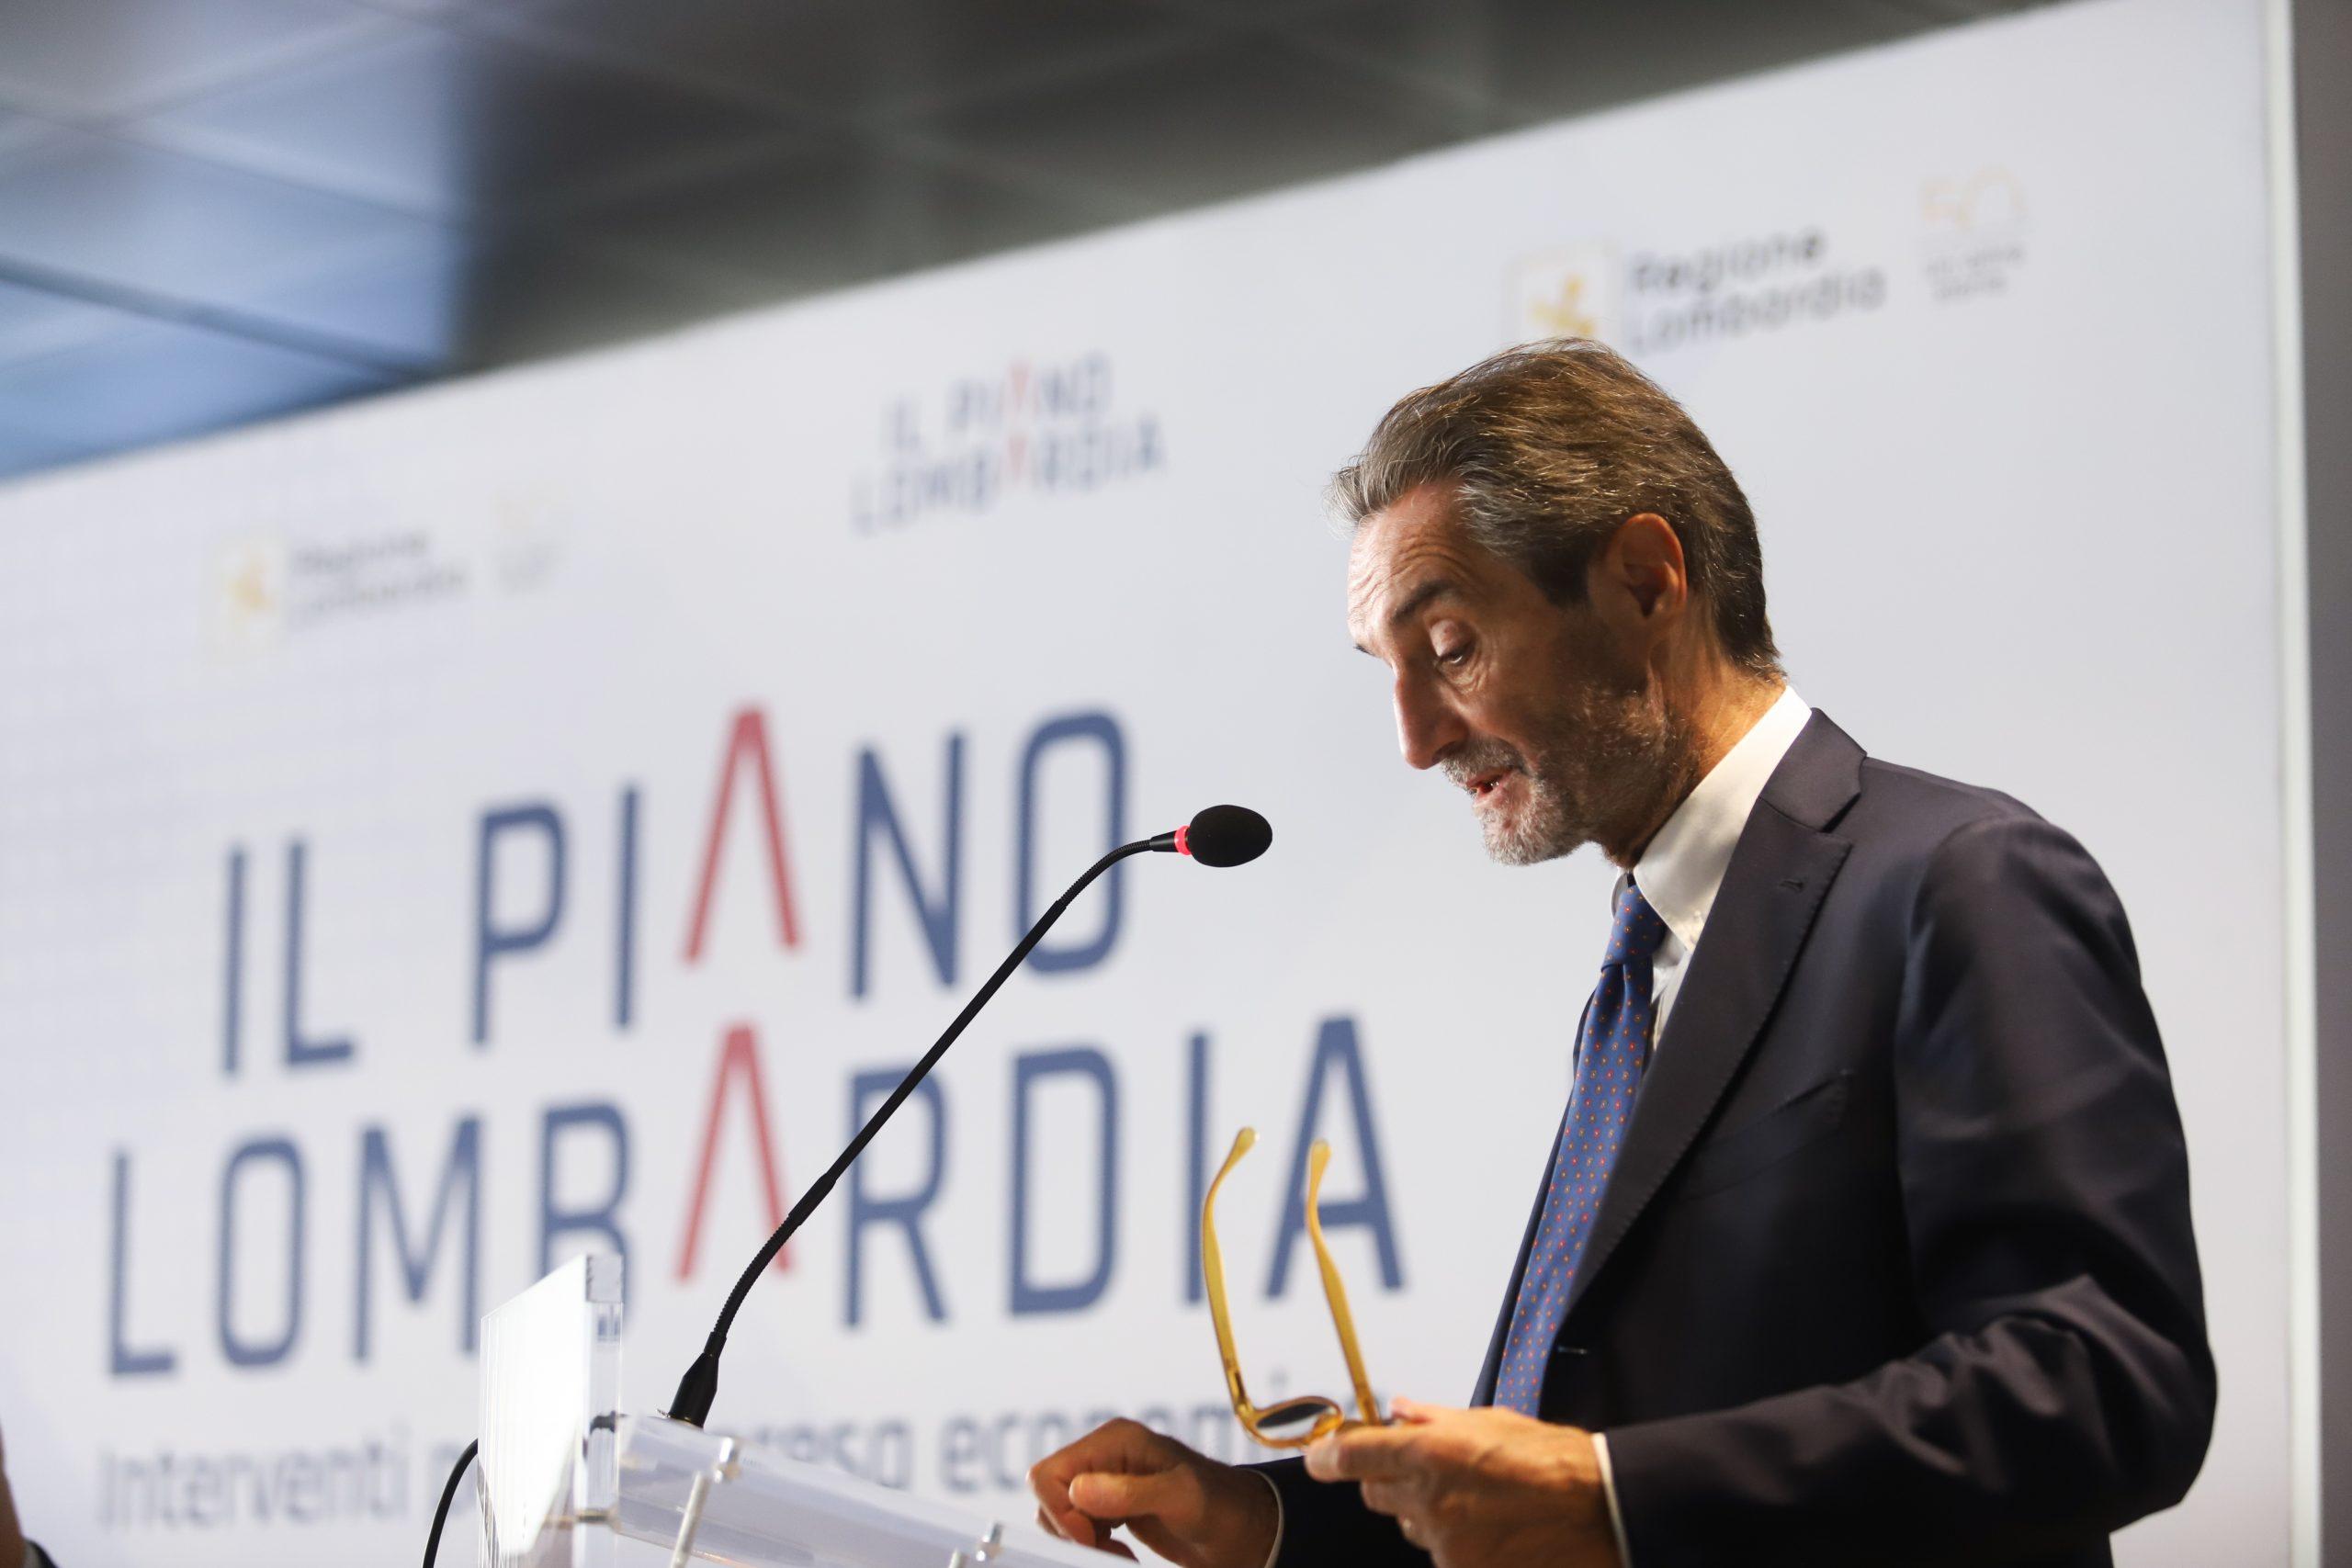 IL PIANO LOMBARDIA: 4 tappe del Tour per il rilancio dell'economia regionale